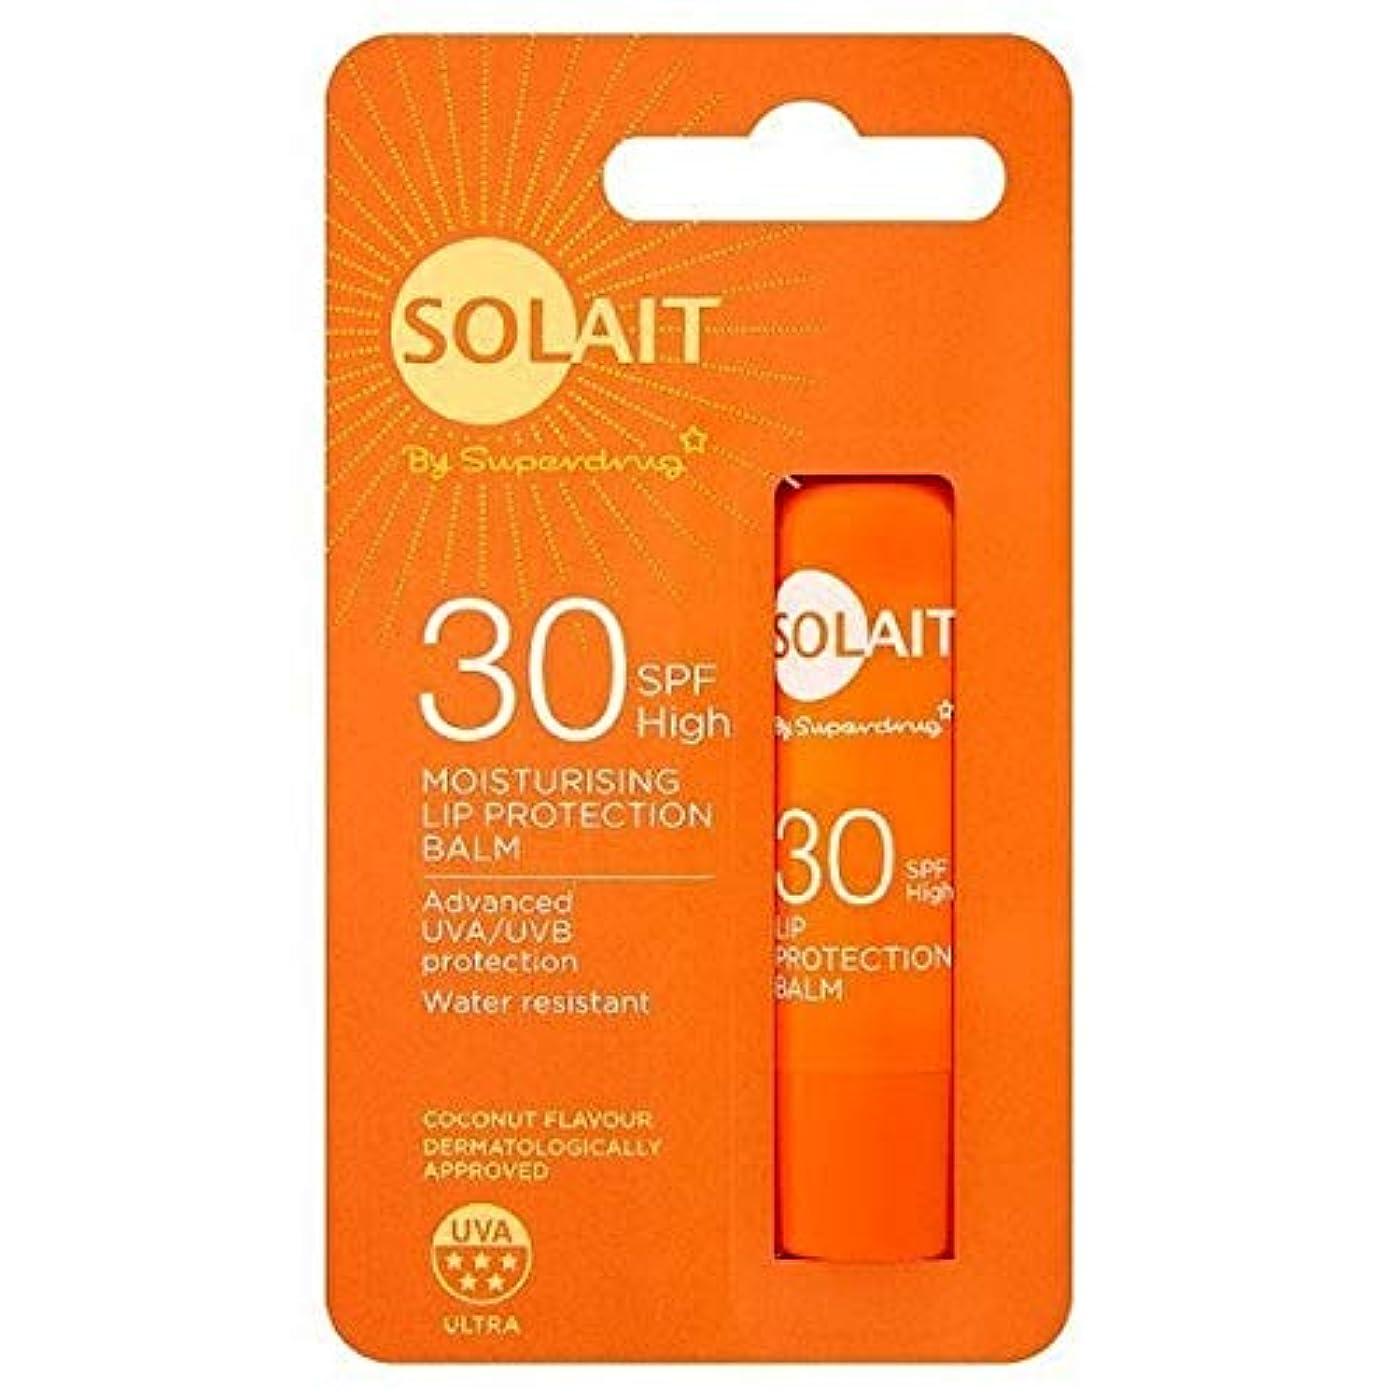 謝罪スクラップブック殺人[Solait] SolaitリッププロテクタースティックSpf30の4,8G - Solait Lip Protector Stick SPF30 4,8g [並行輸入品]